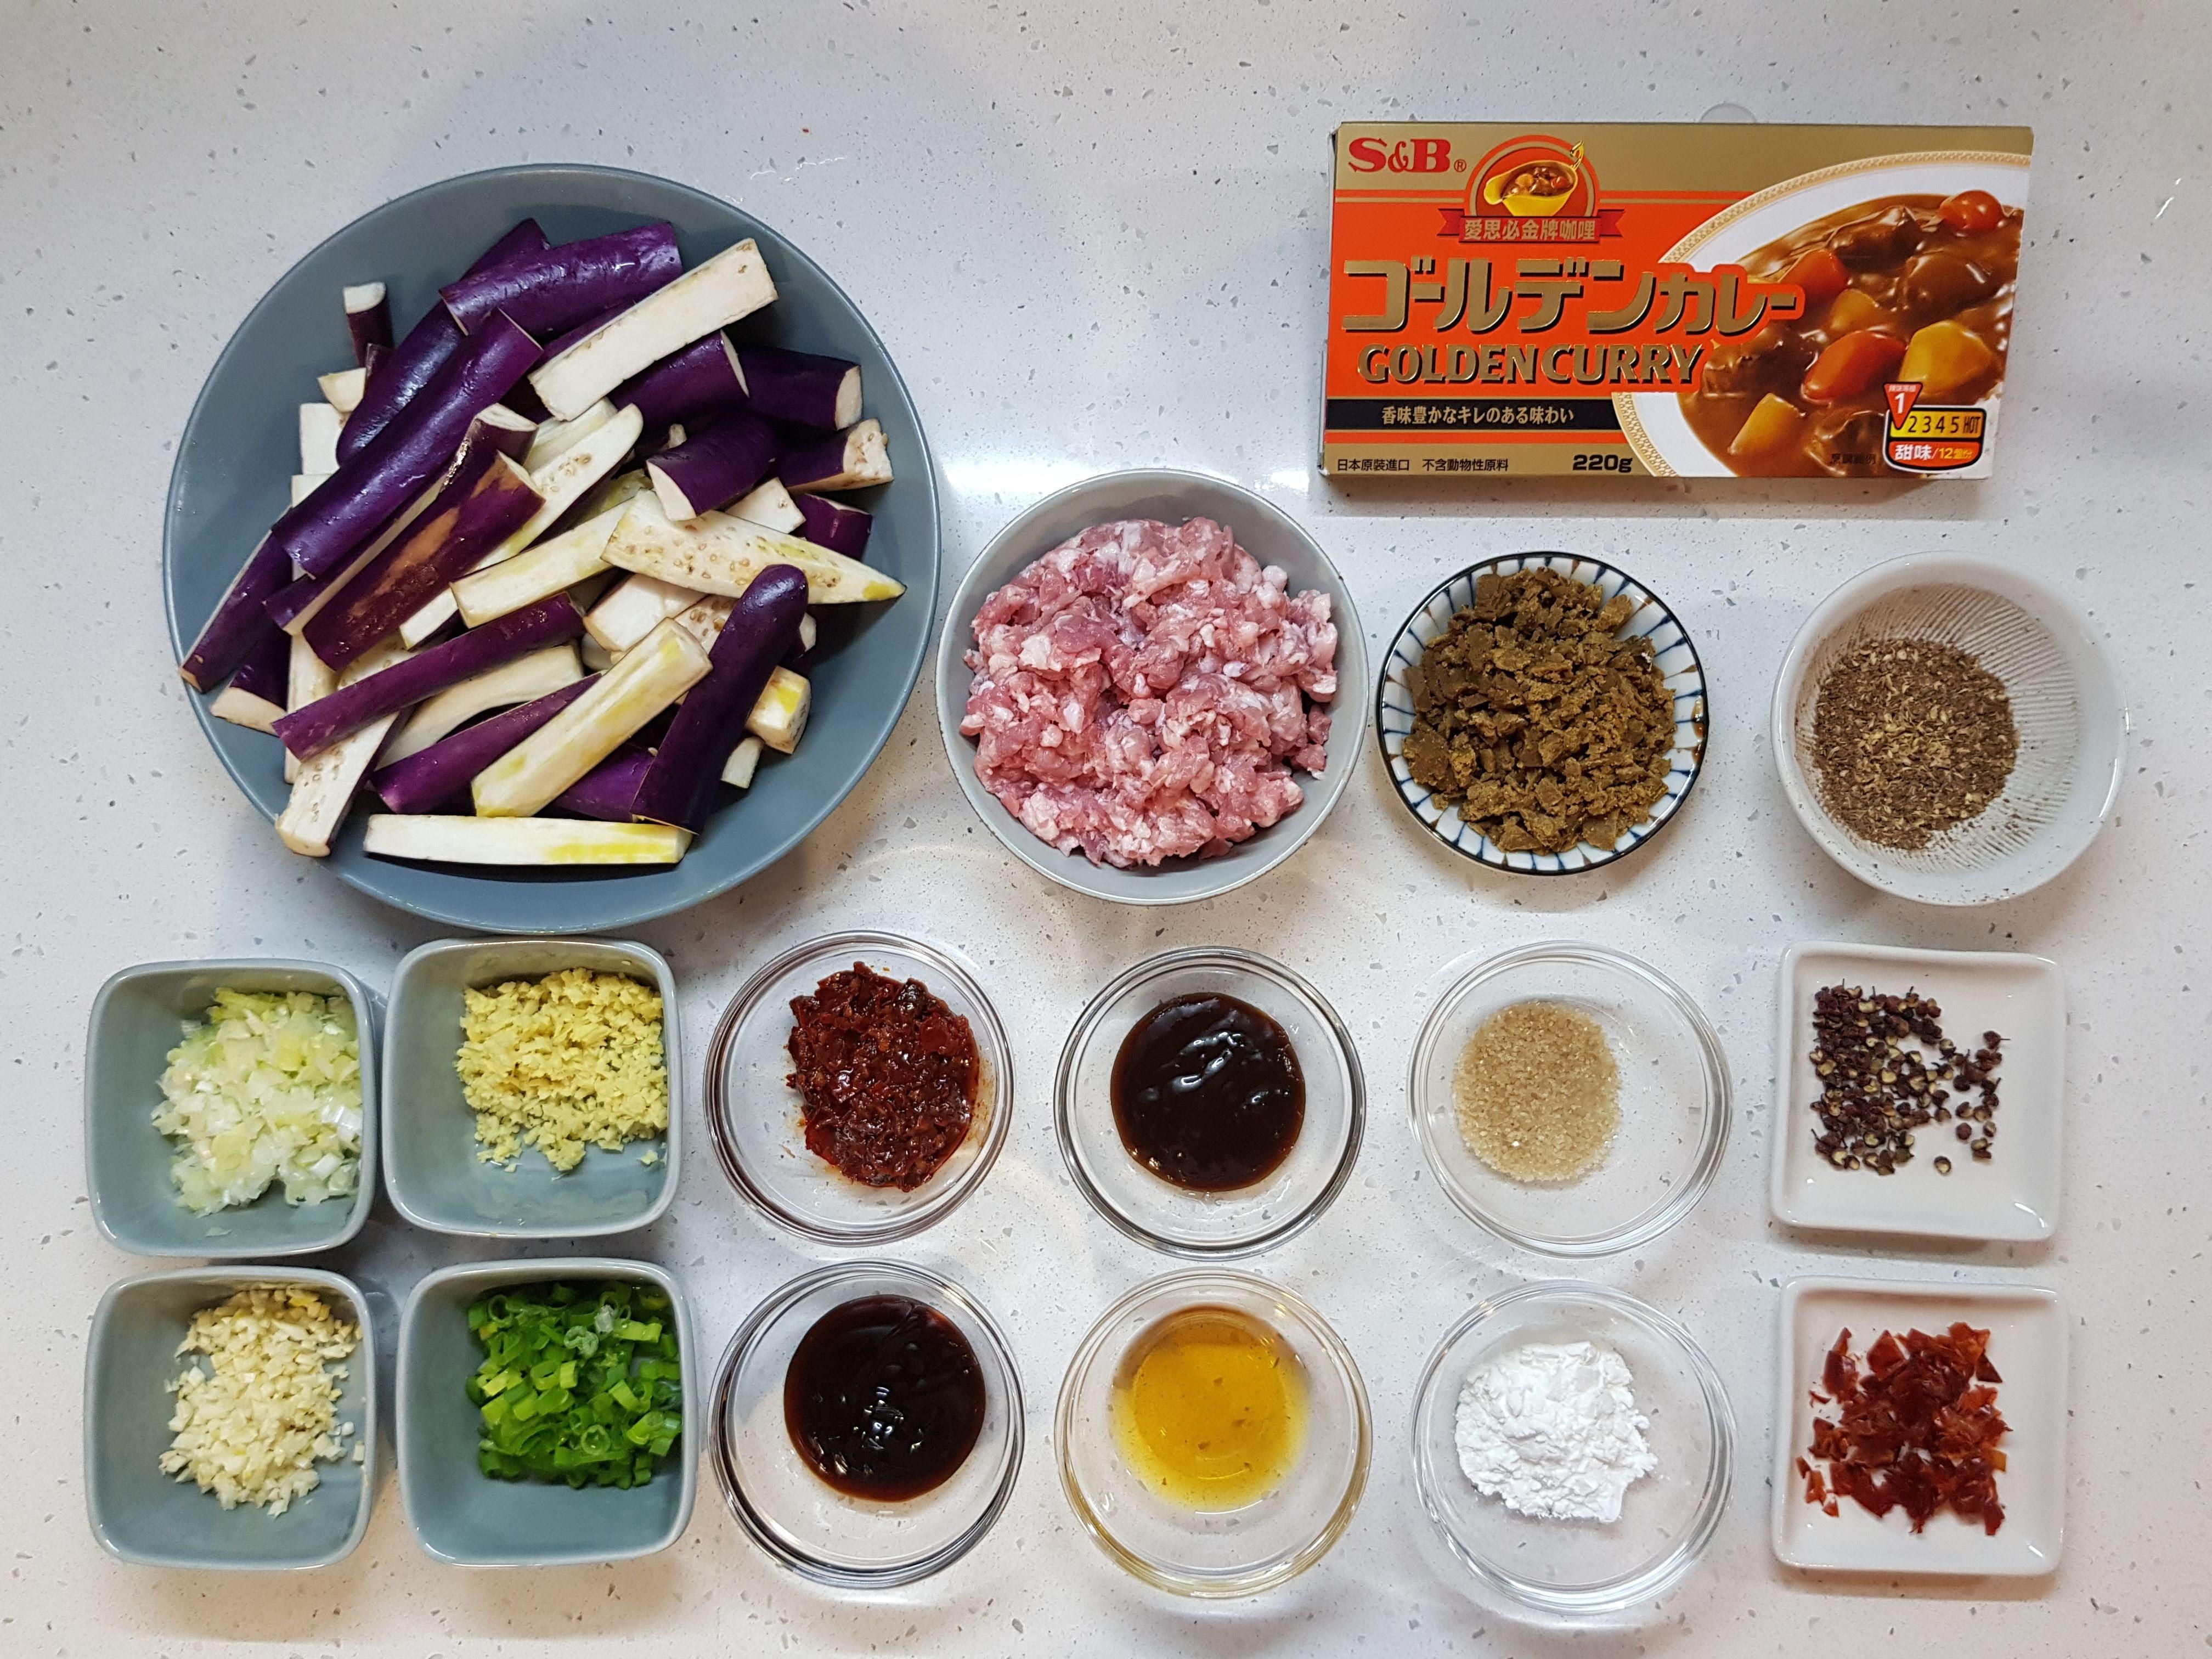 美味百搭的料理好咖,S&B愛思必金牌咖哩塊的第 11 張圖片